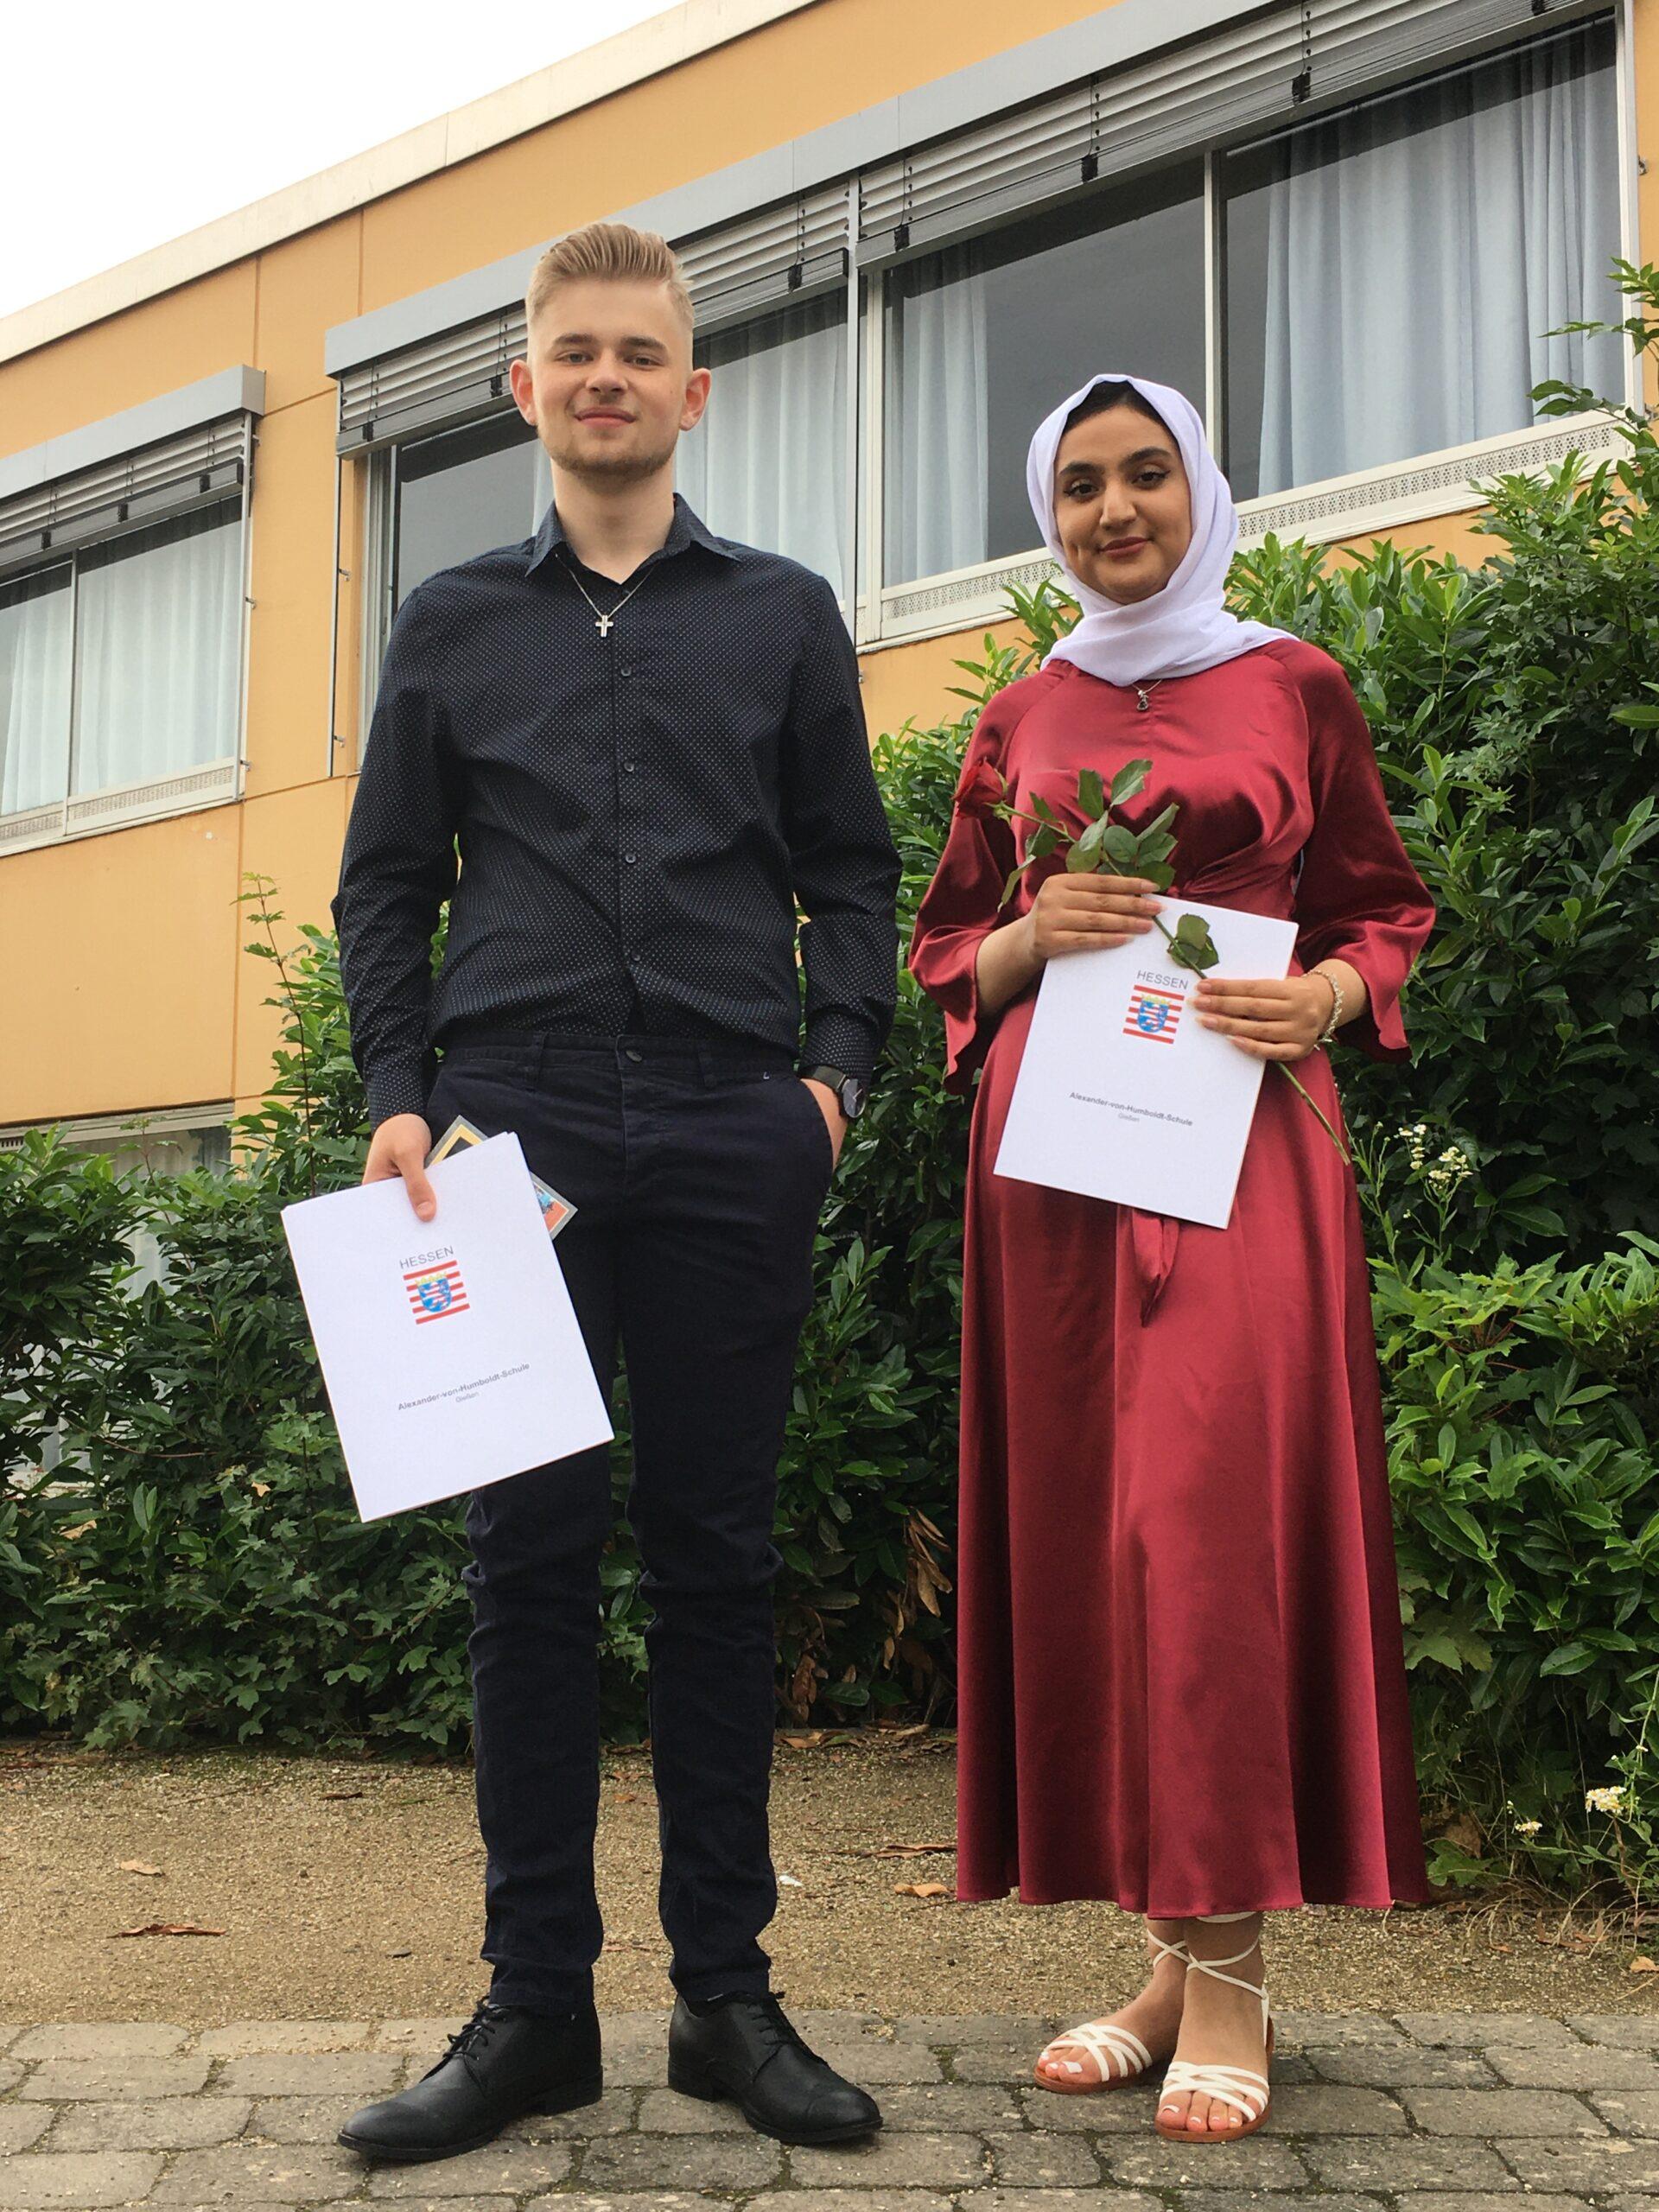 Marcel König und Fatema Ahmedi waren die besten Absolventen des Jahrgangs 10